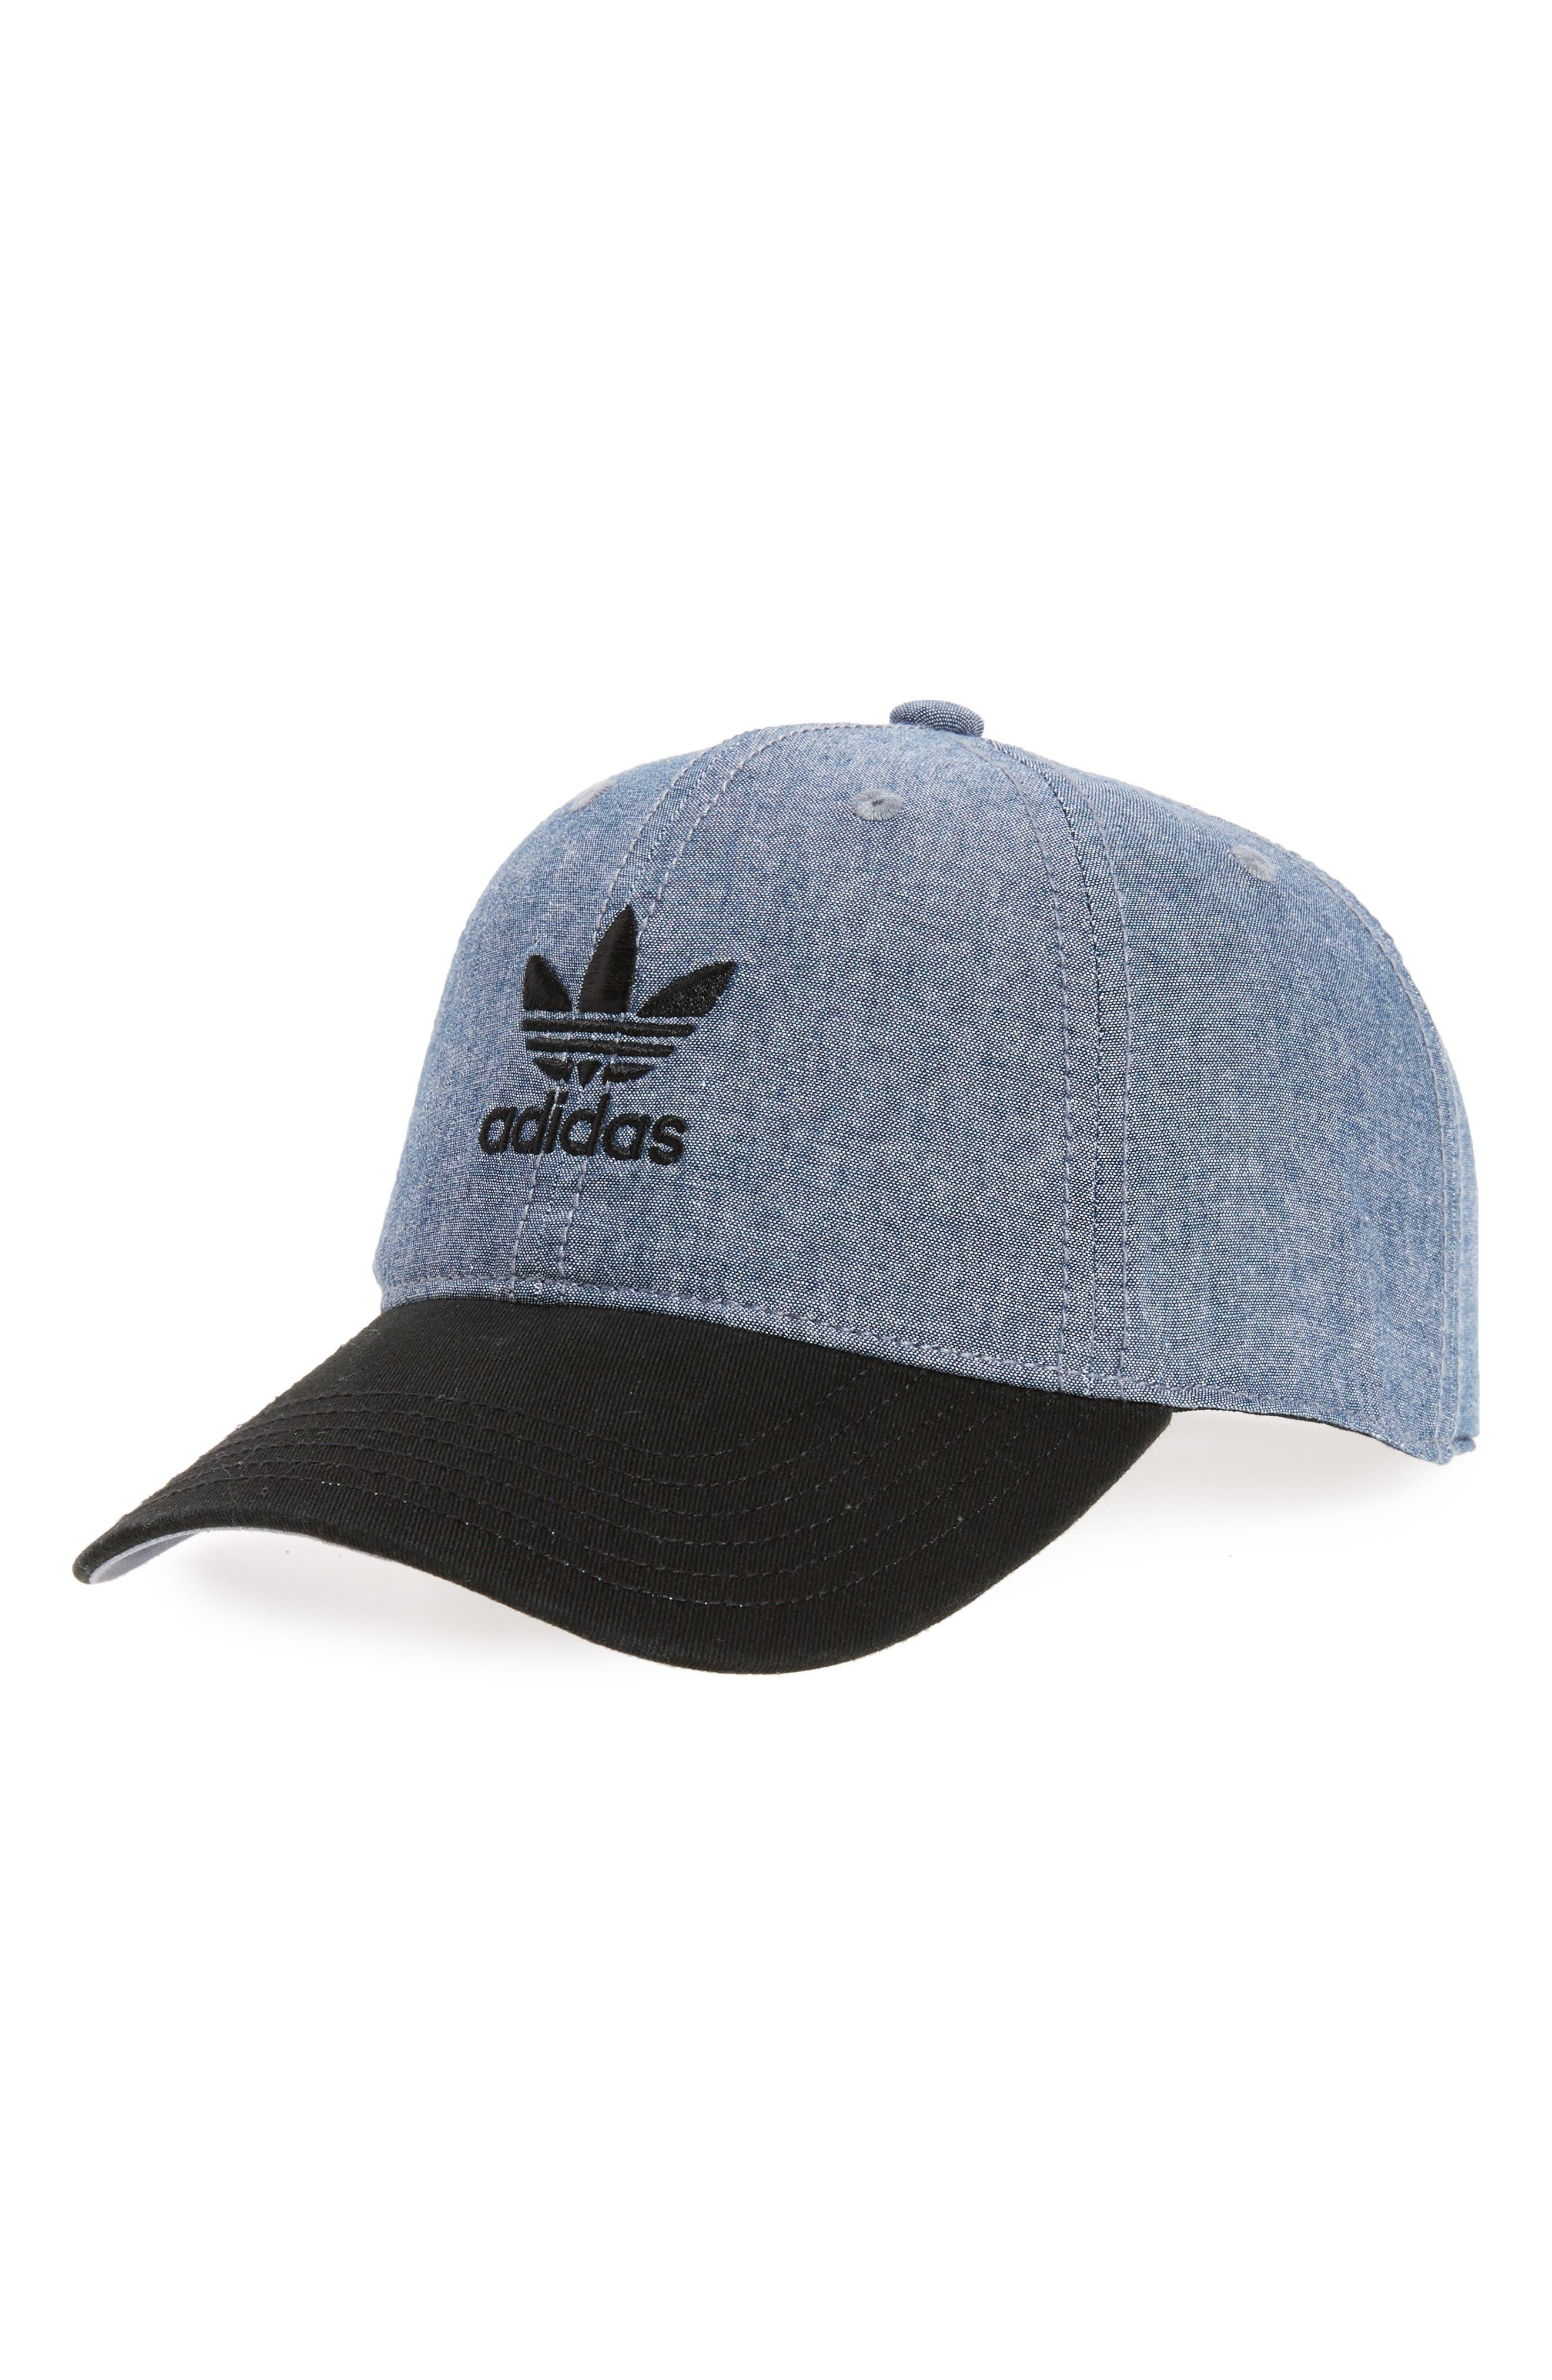 Main Image - adidas Originals Relaxed Snapback Baseball Cap